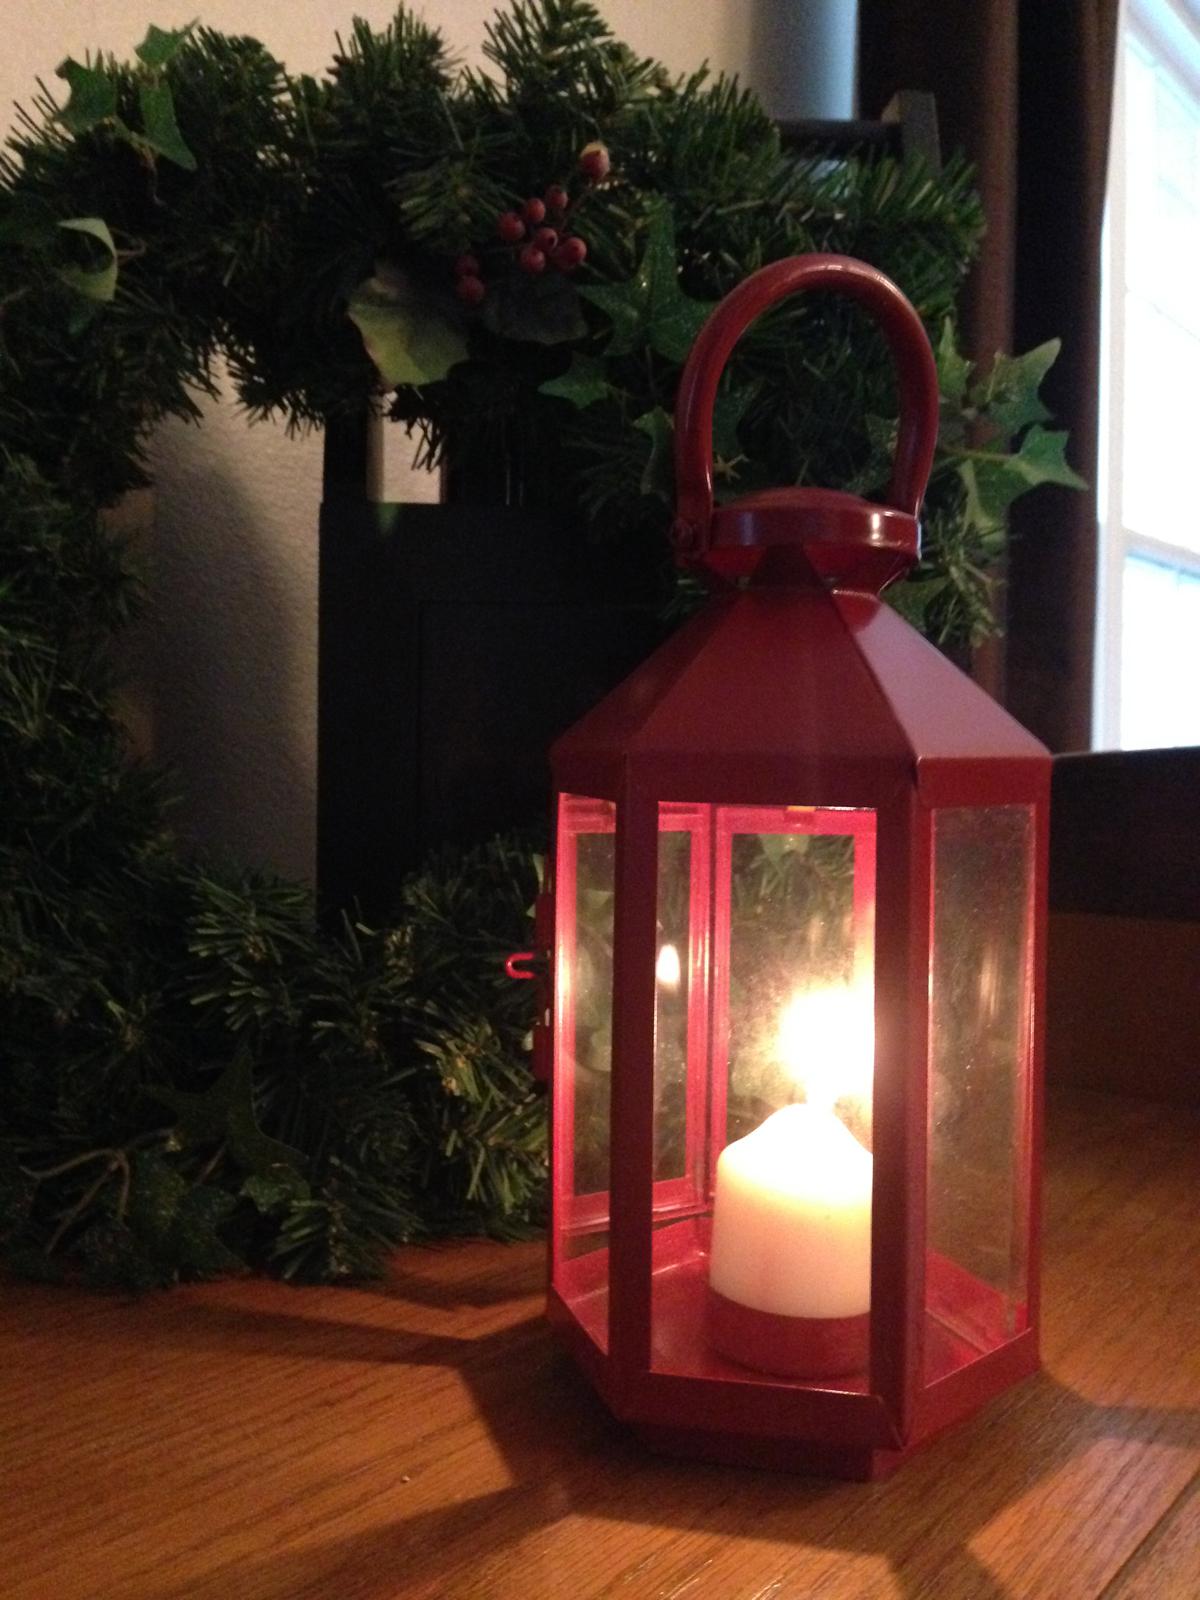 DIY Repainted Fall Lantern {Love My DIY Home}